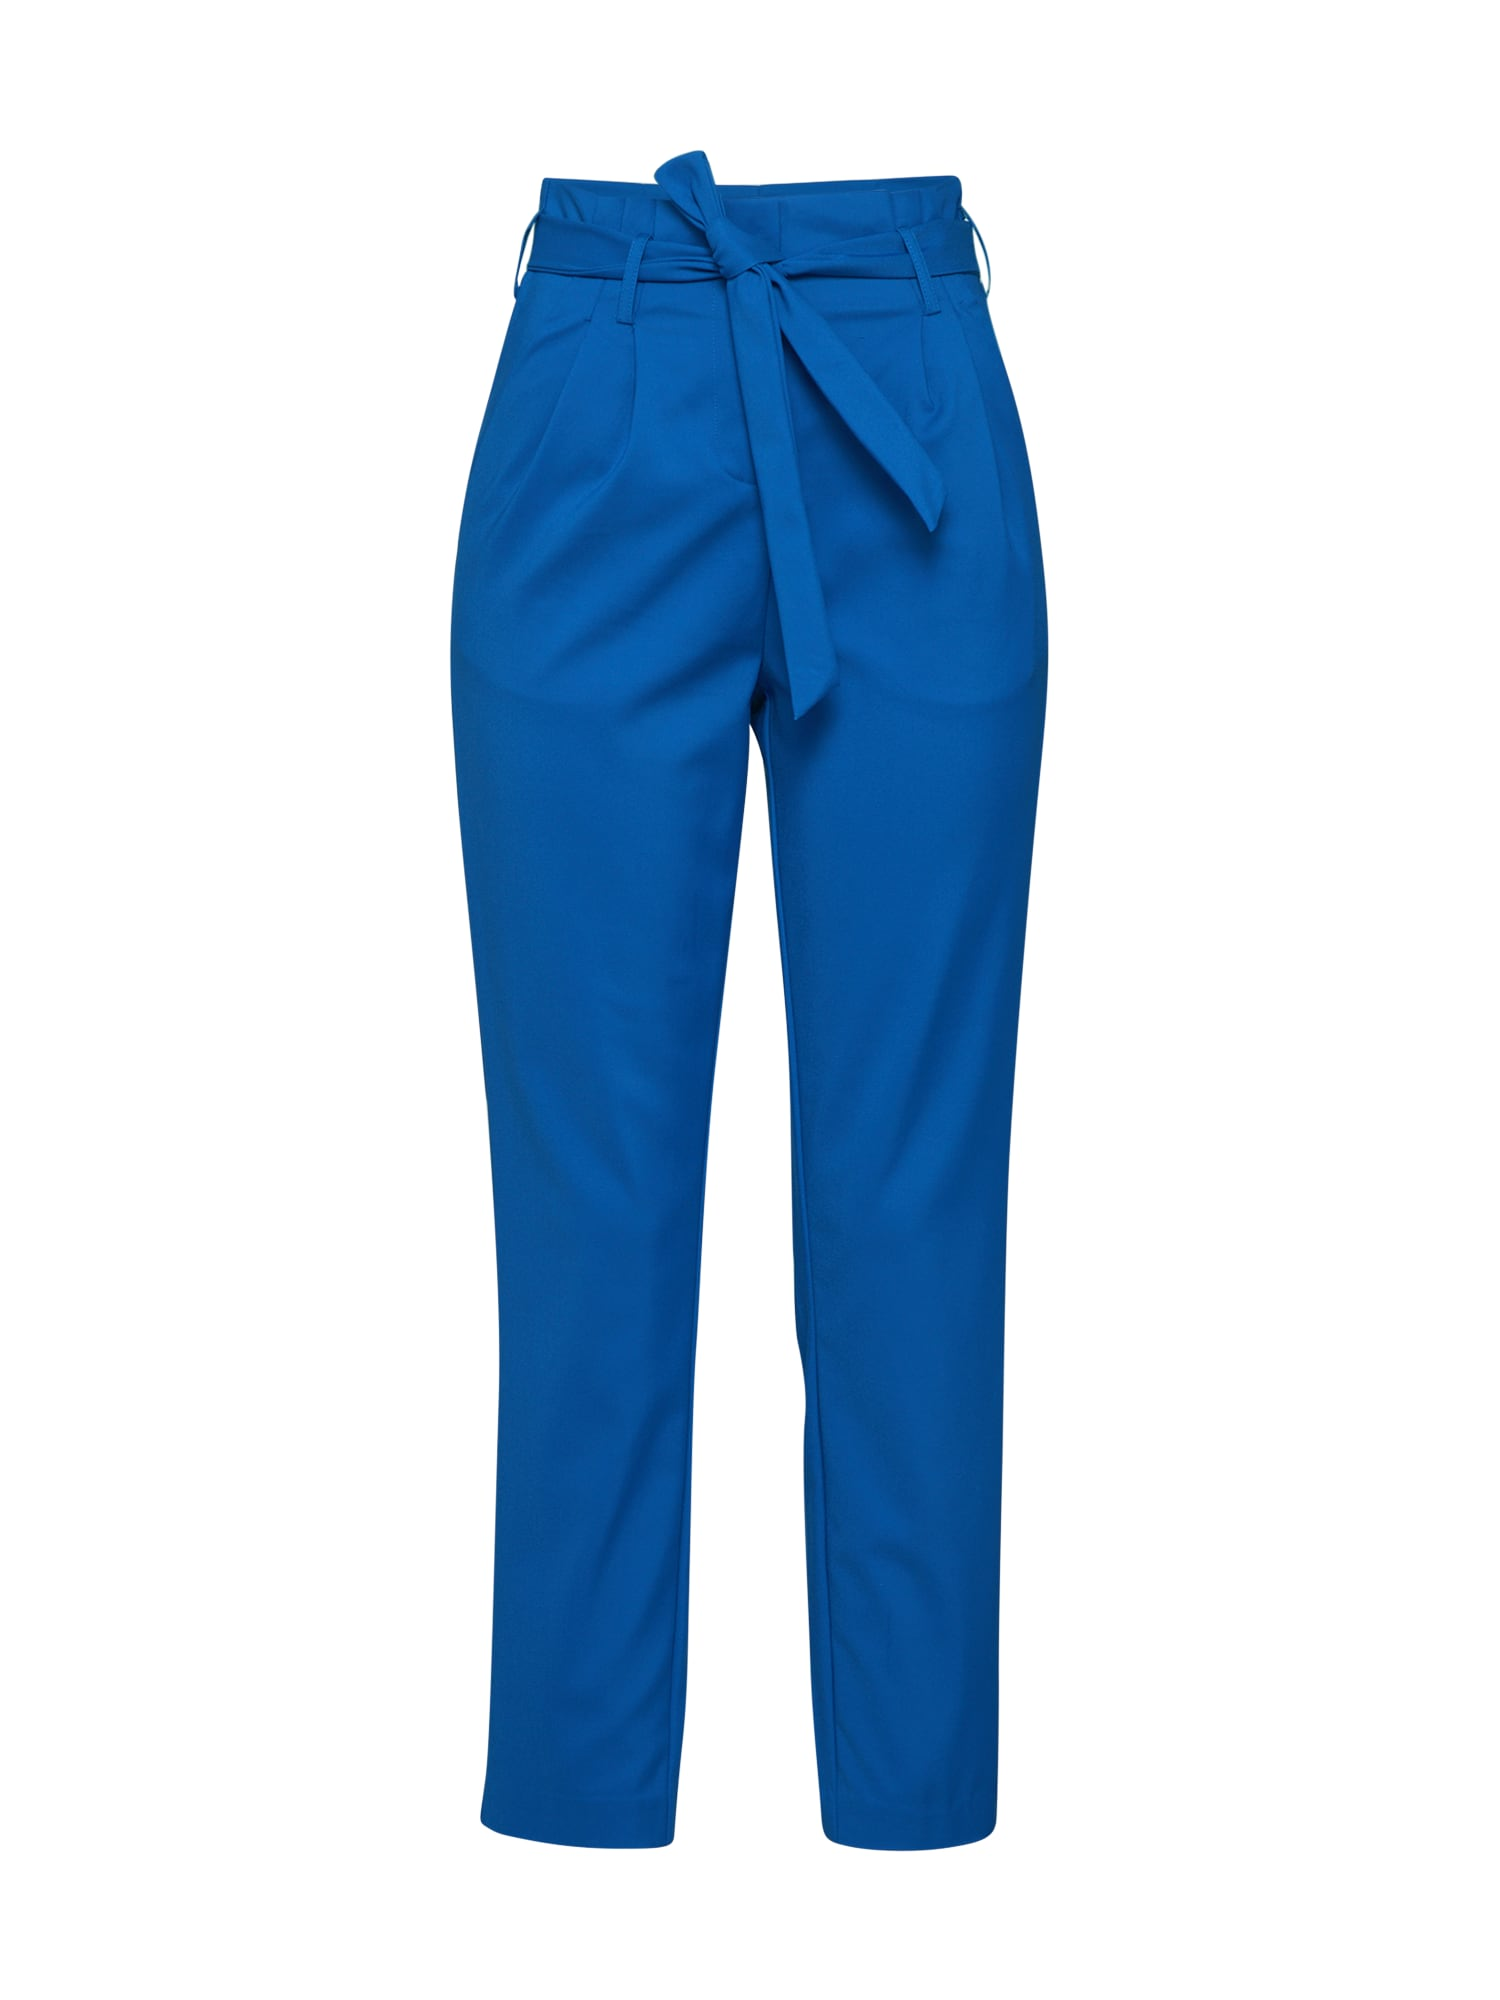 VILA Klostuotos kelnės 'VISOFINA HW 7/8 PANT' tamsiai mėlyna